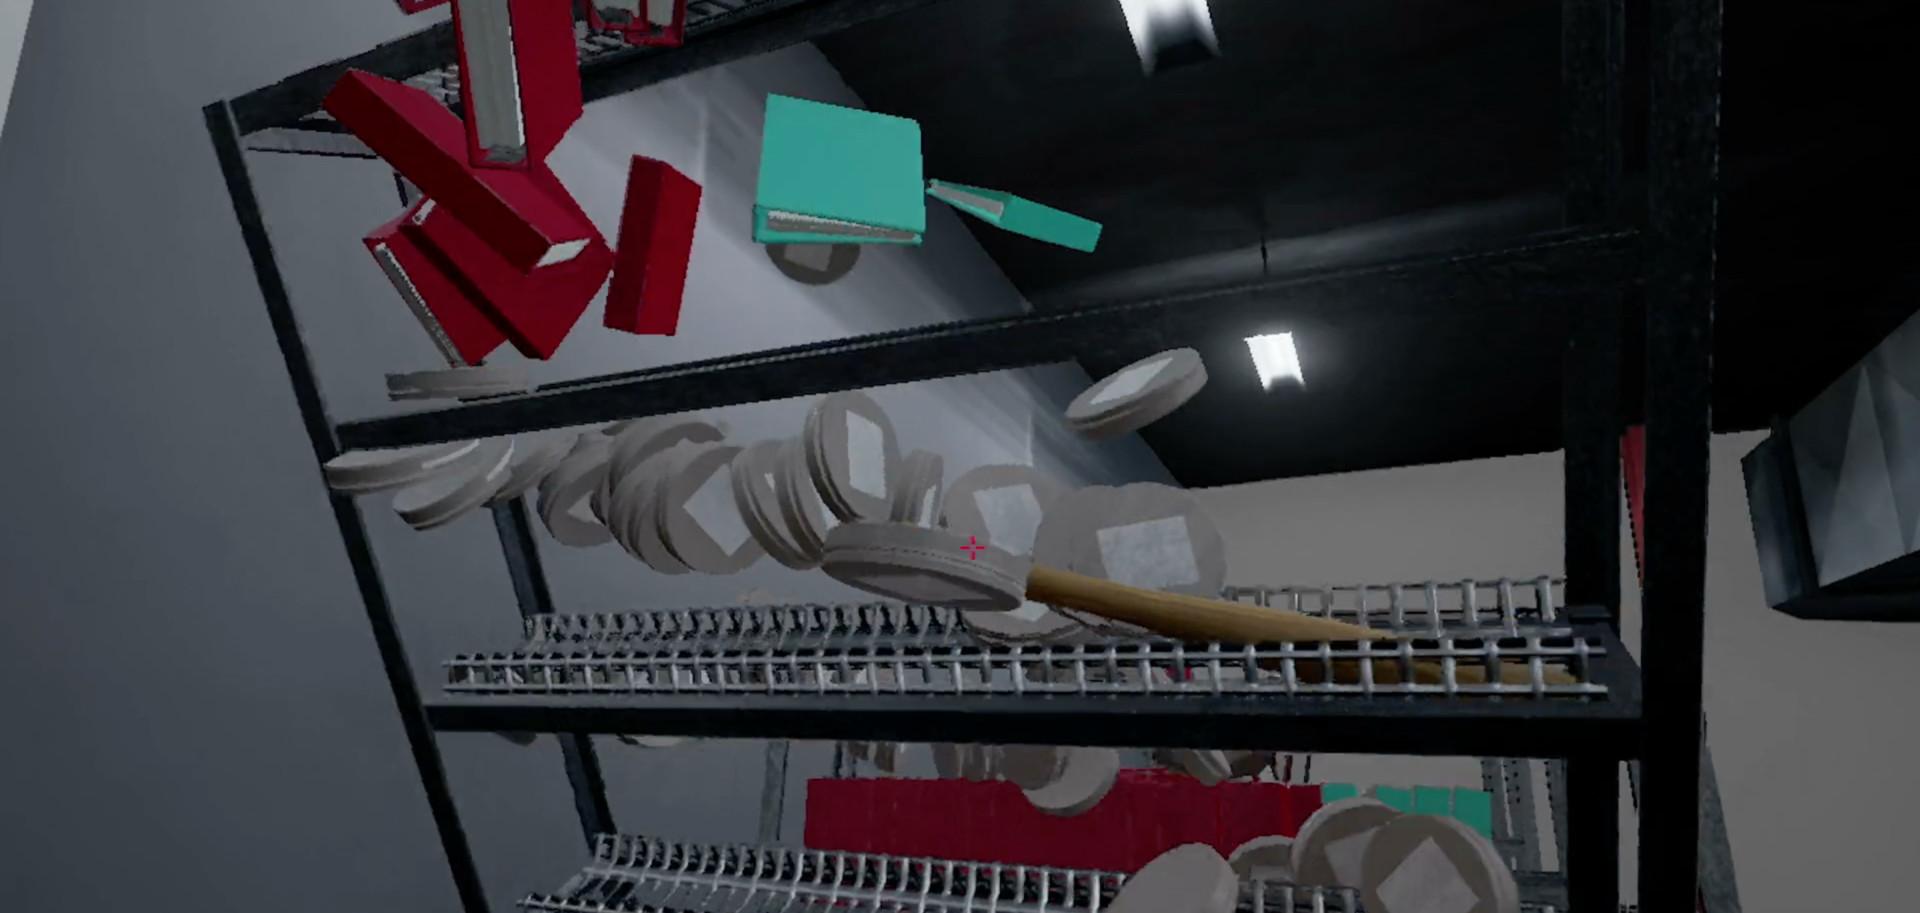 Dave colvinson bunker physicsim